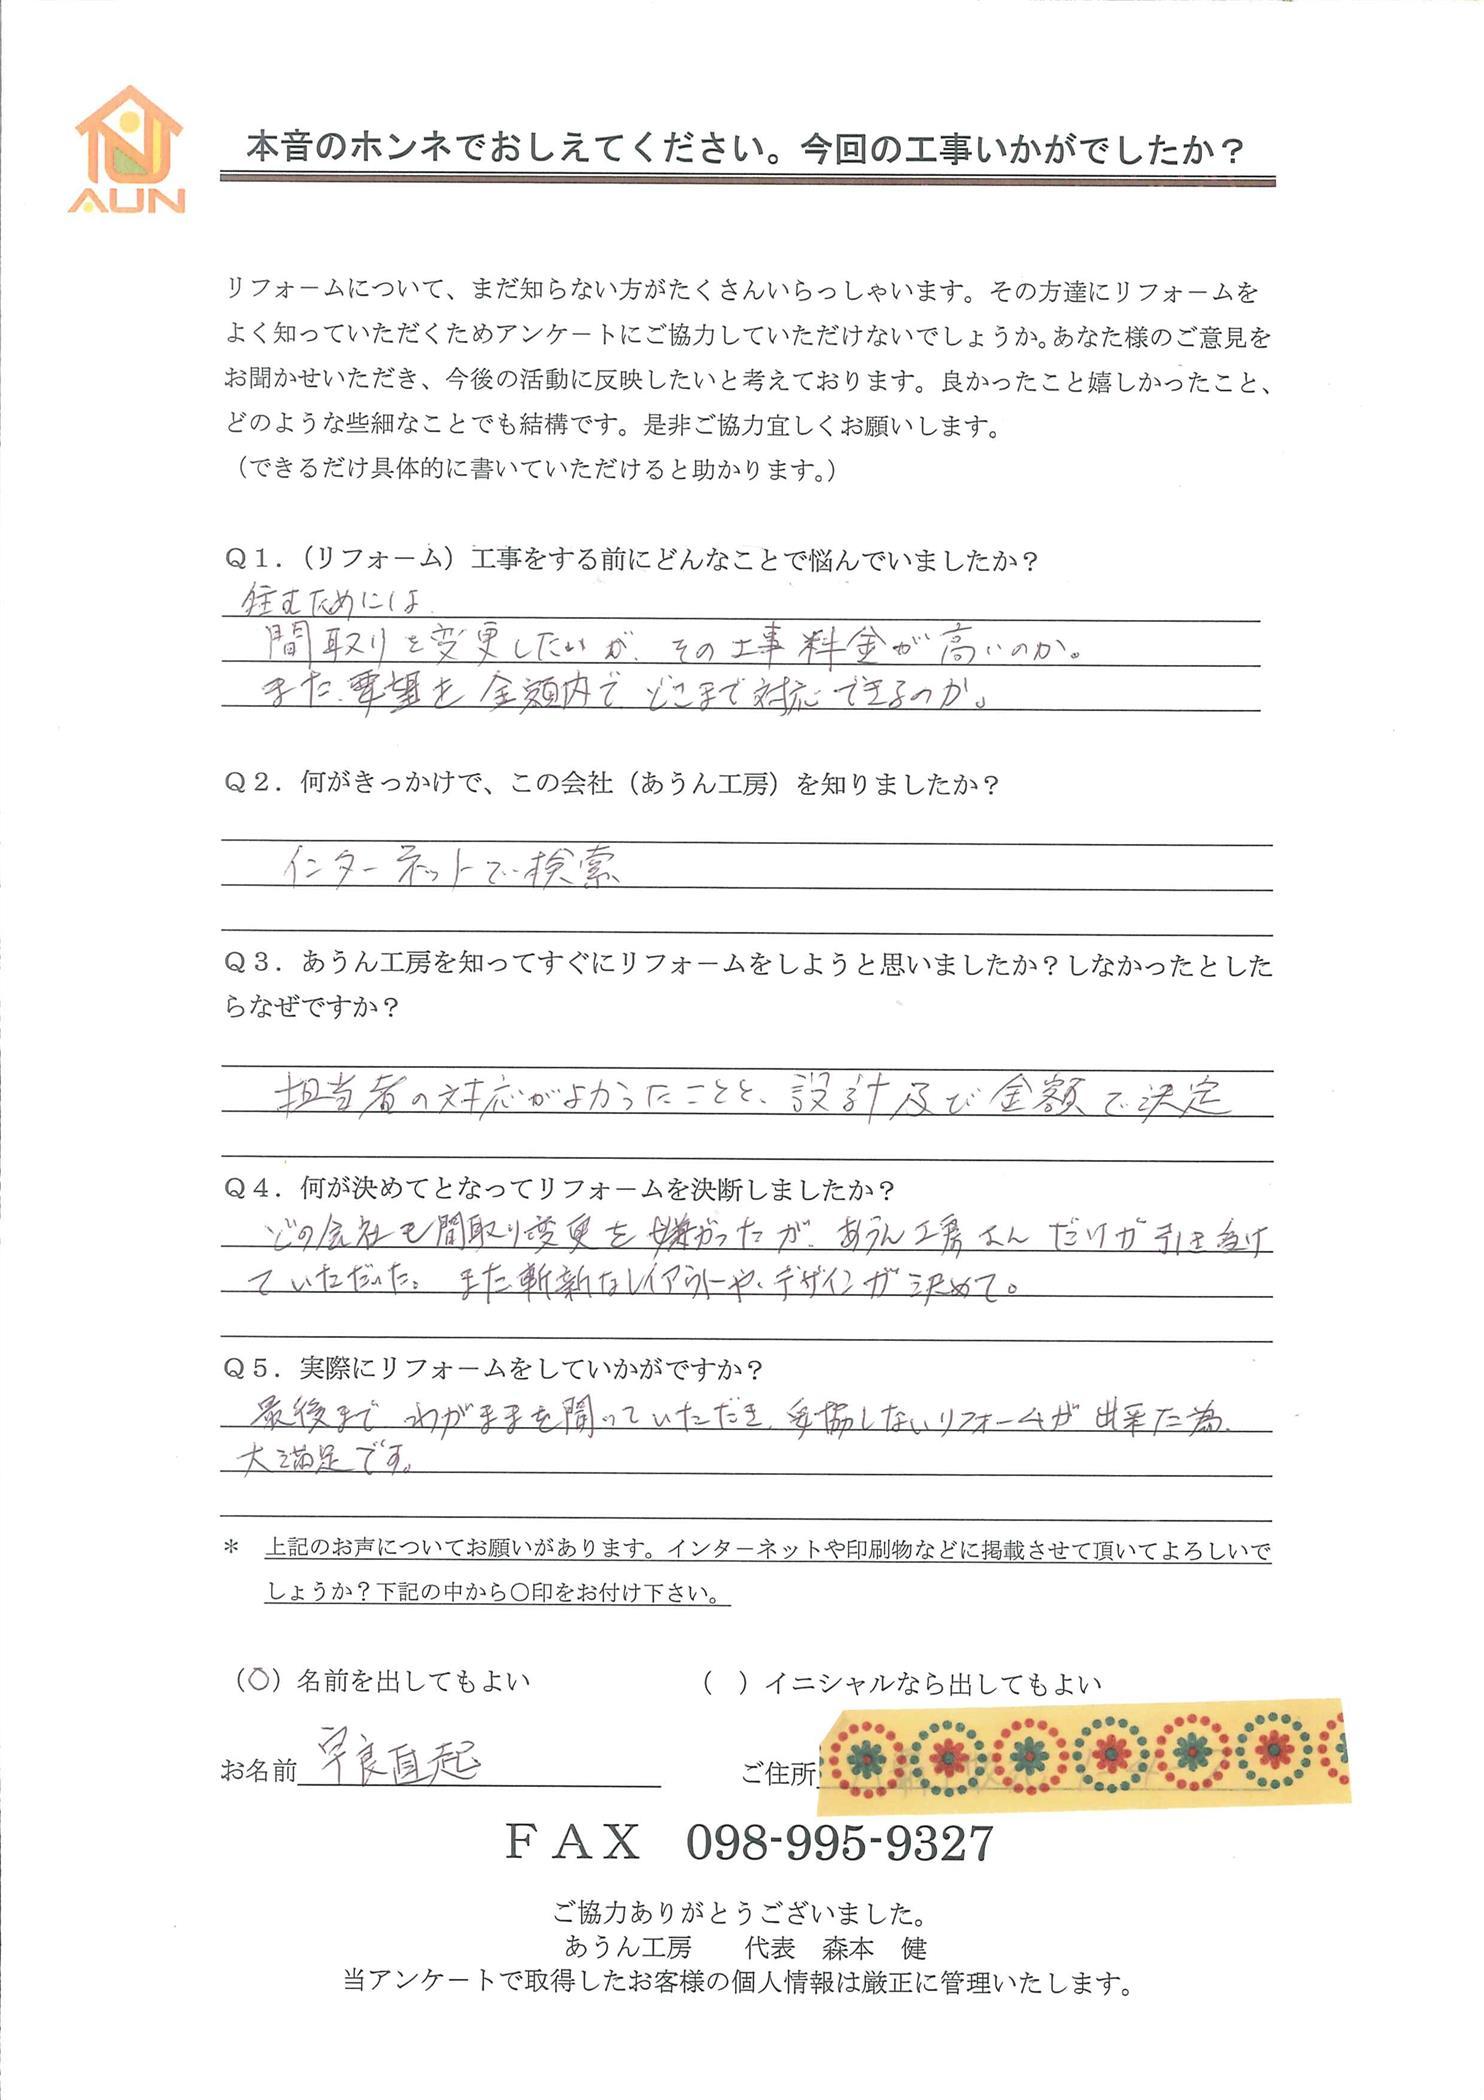 沖縄・那覇のリフォーム 実際のアンケートの画像:古民家改装工事